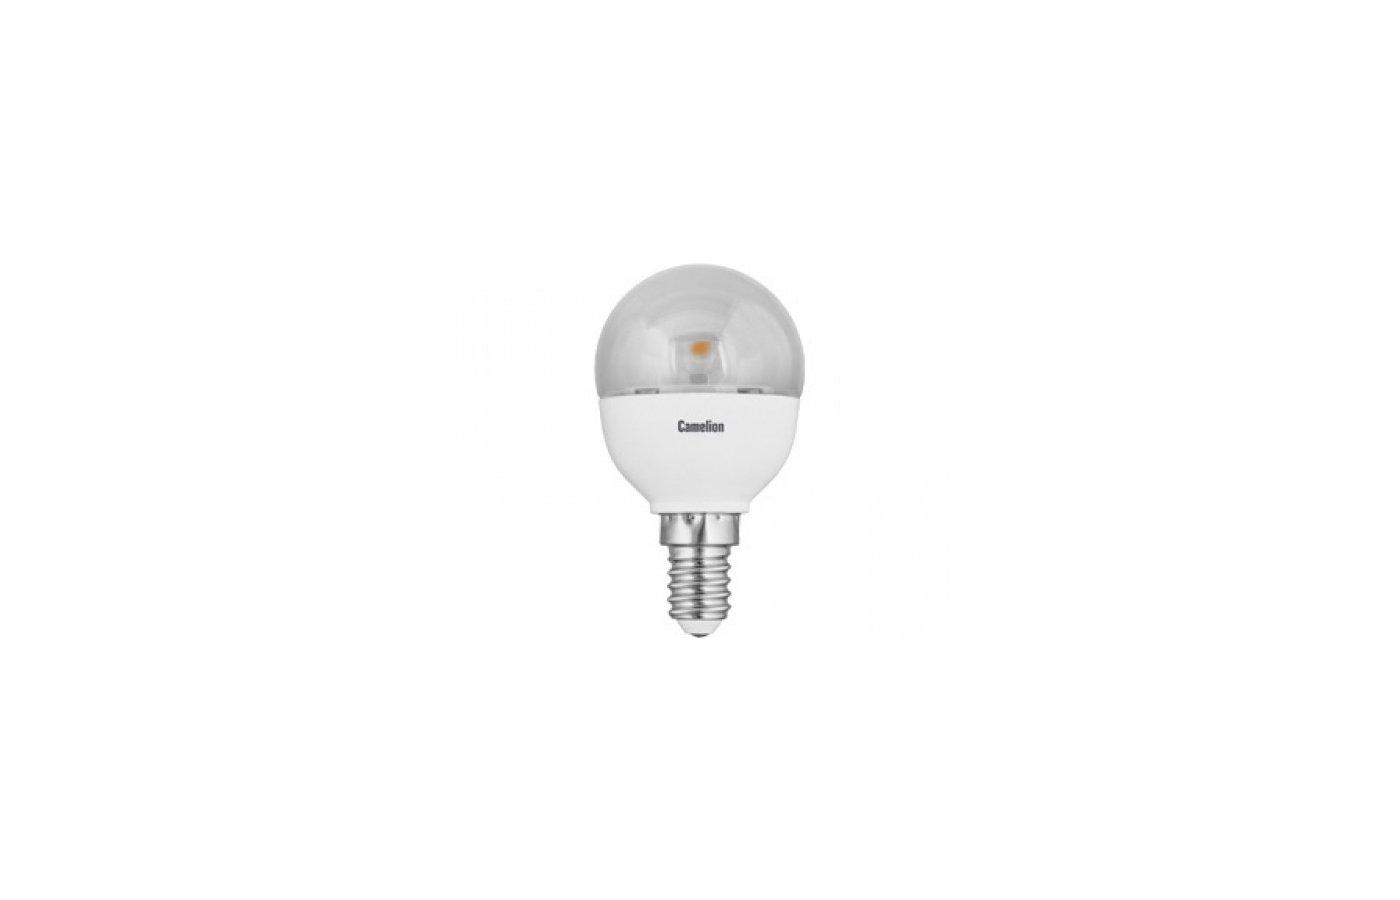 Лампочки LED Camelion LED5.5-G45-CL/830/E14 (Эл.лампа светодиодная 5.5Вт 220В)